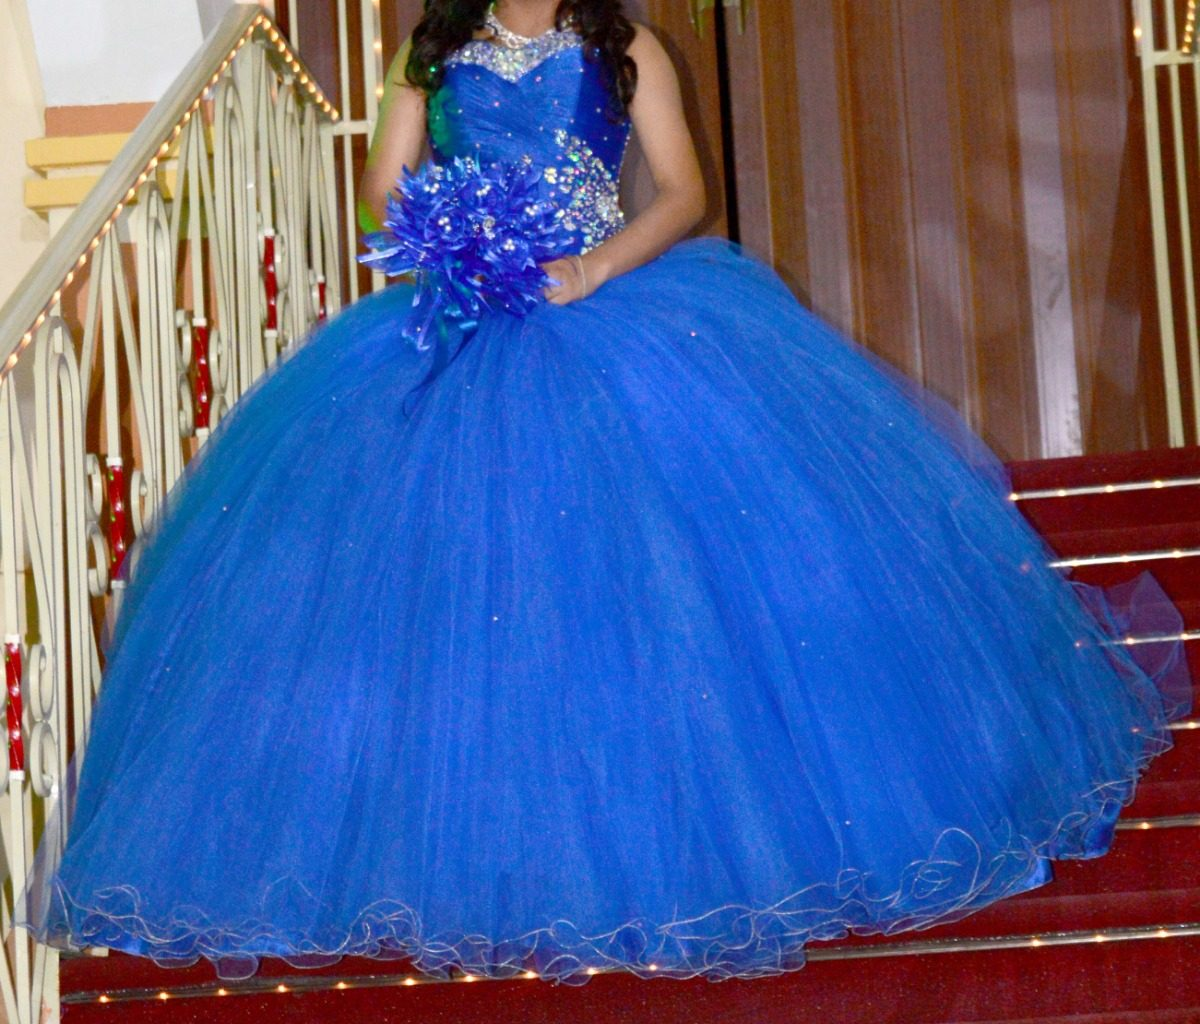 d486b9c5c vestido quinceañera xv años azul 3 piezas talla 7. Cargando zoom.